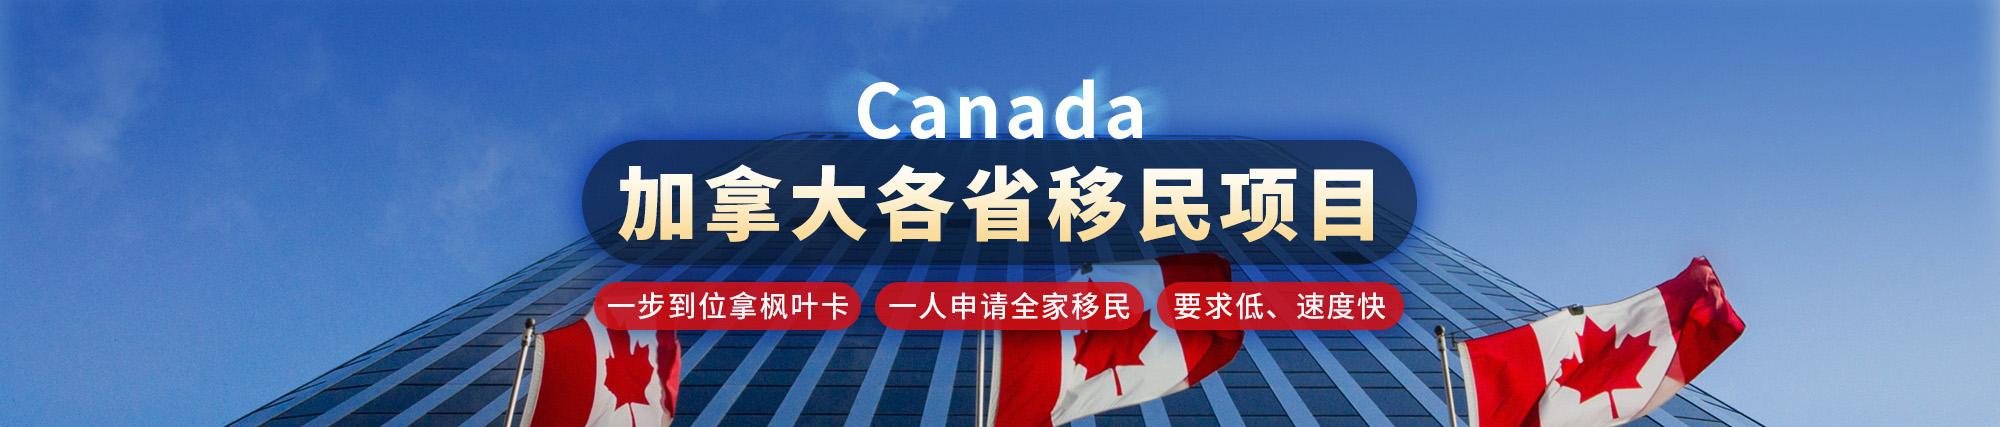 加拿大各省移民�目